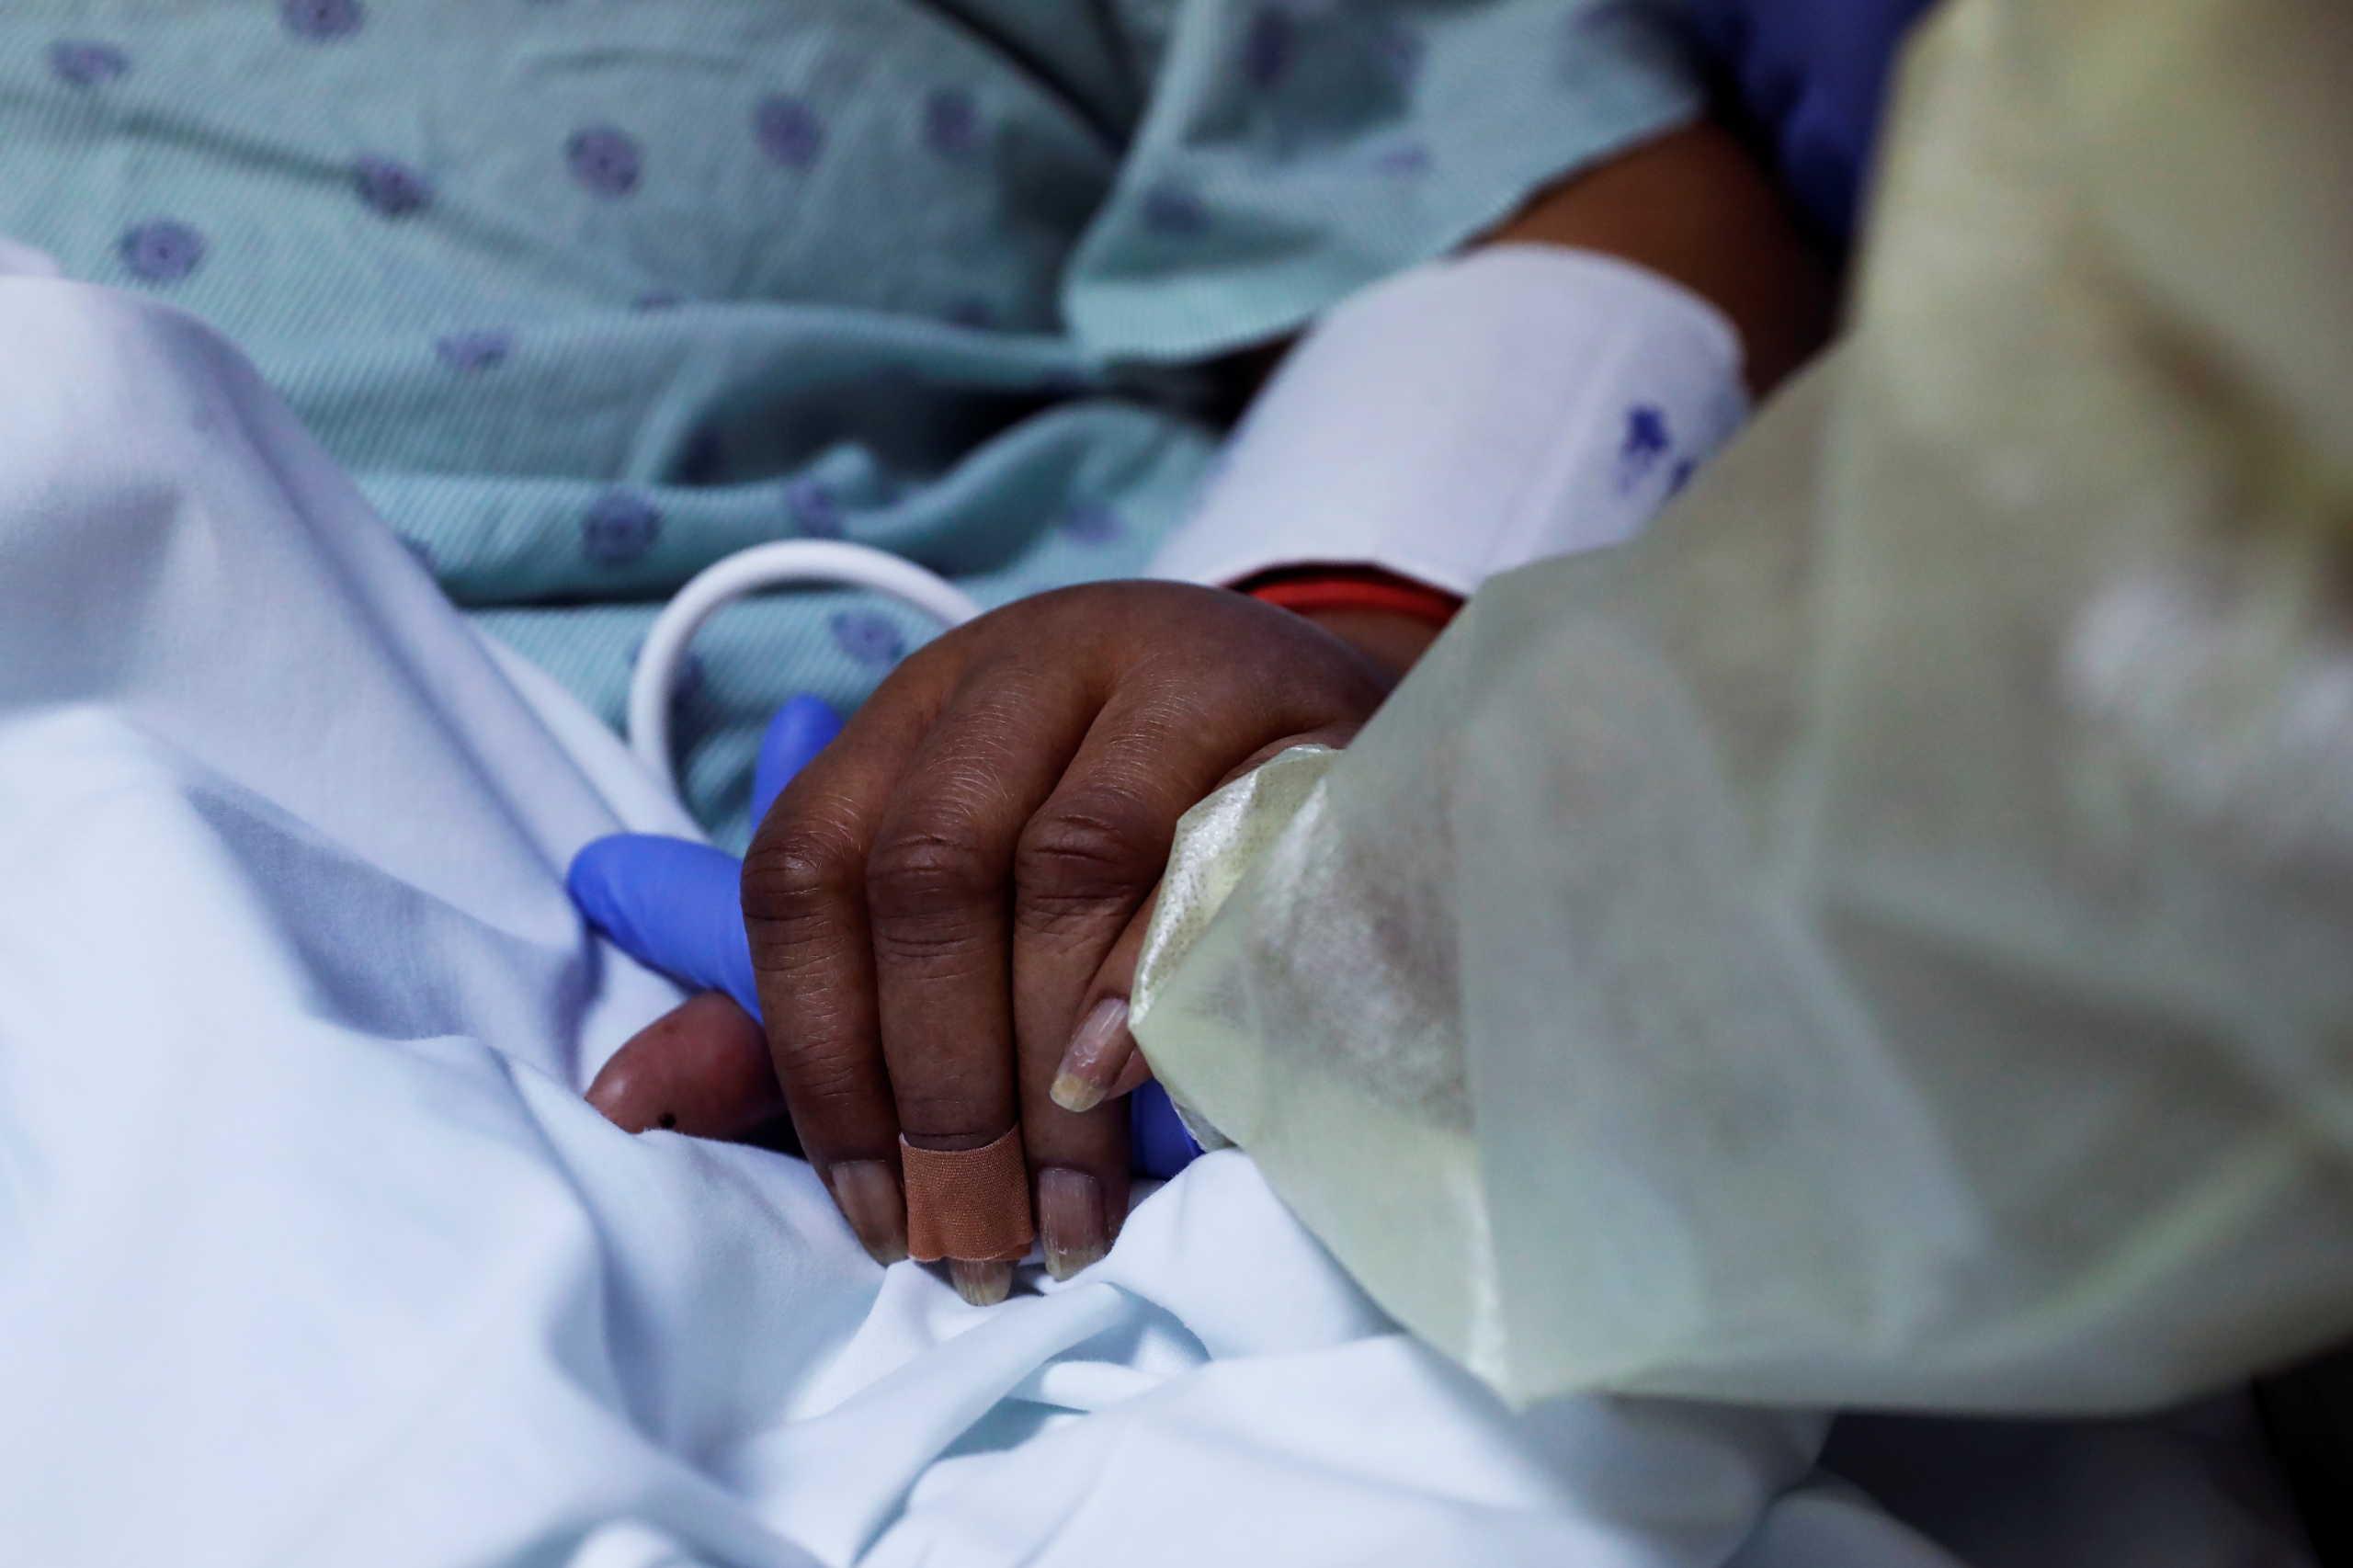 ΗΠΑ: Ξεπέρασαν τα 16 εκατομμύρια τα κρούσματα κορονοϊού